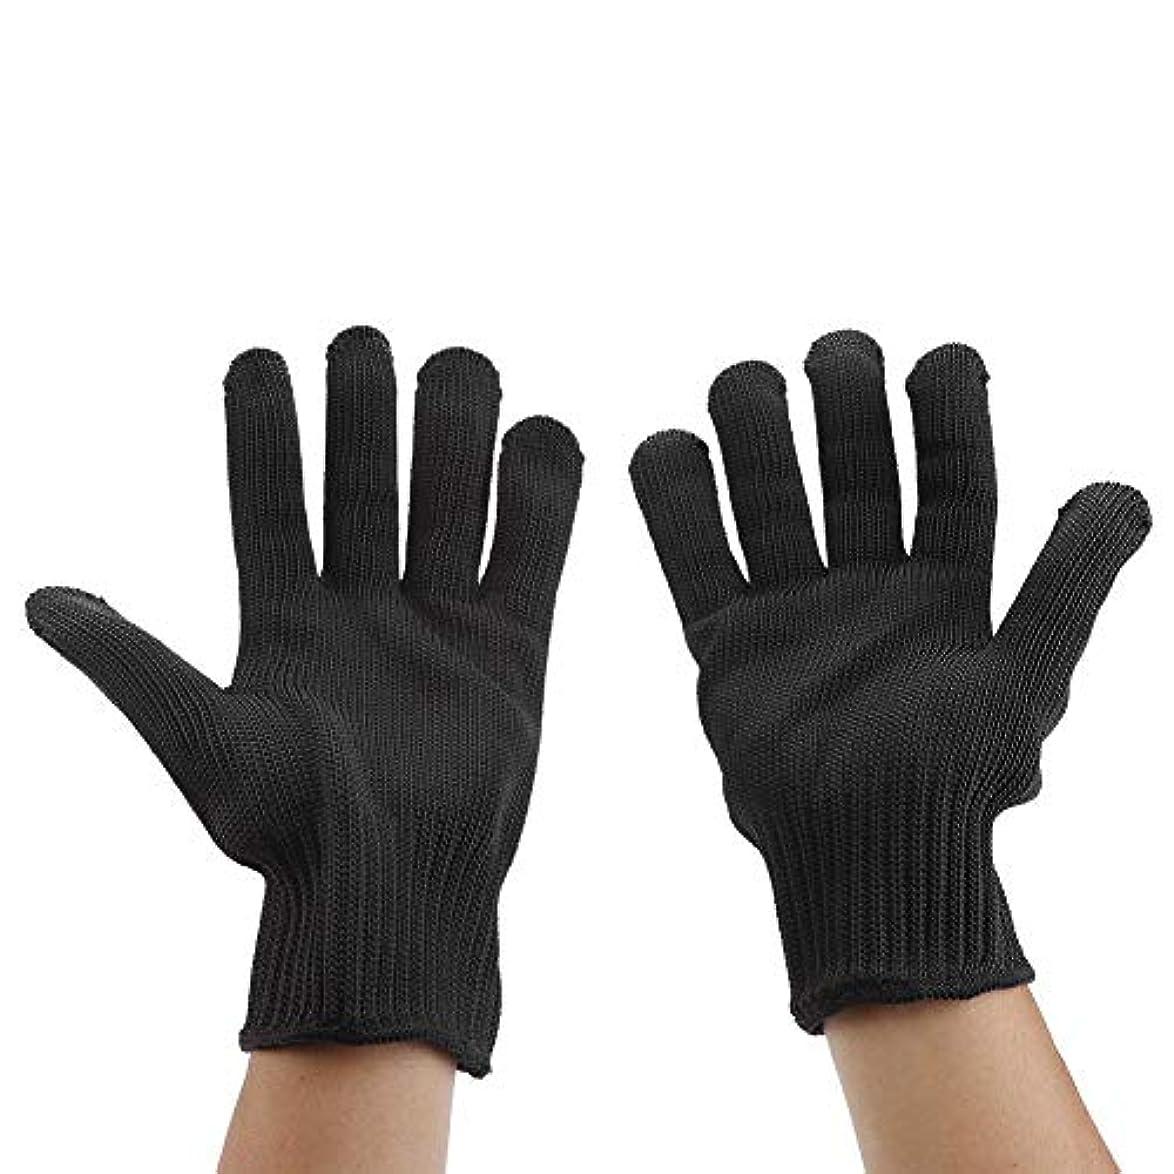 ほとんどない通知ホテルカット耐性手袋、食品等級レベル5保護、台所用安全性カット手袋、マンドリンスライス、魚切り身、オイスターシャック、肉切りと木彫り(1ペア)(#3)